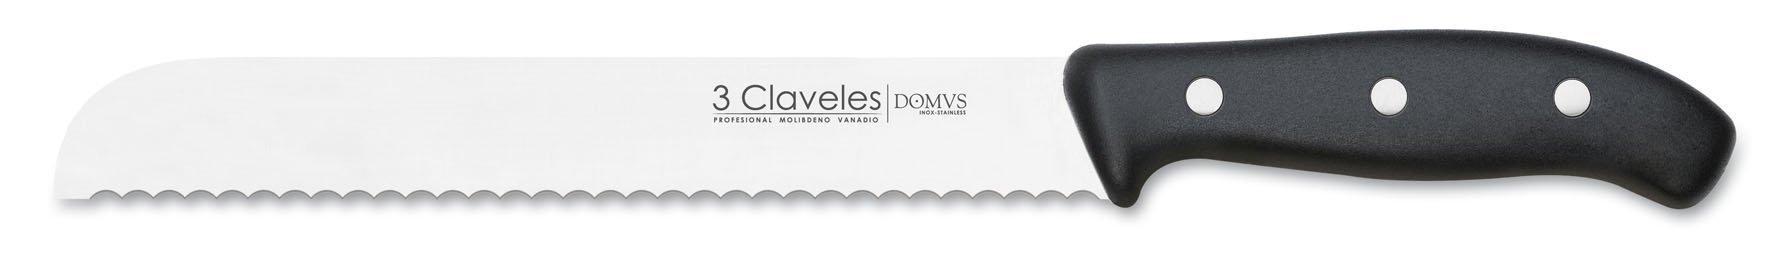 3 Claveles - Cuchillo Cocina para Pan, Línea DOMVS, Acero Inoxidable, Mango Polipropileno Negro - (20cm) product image